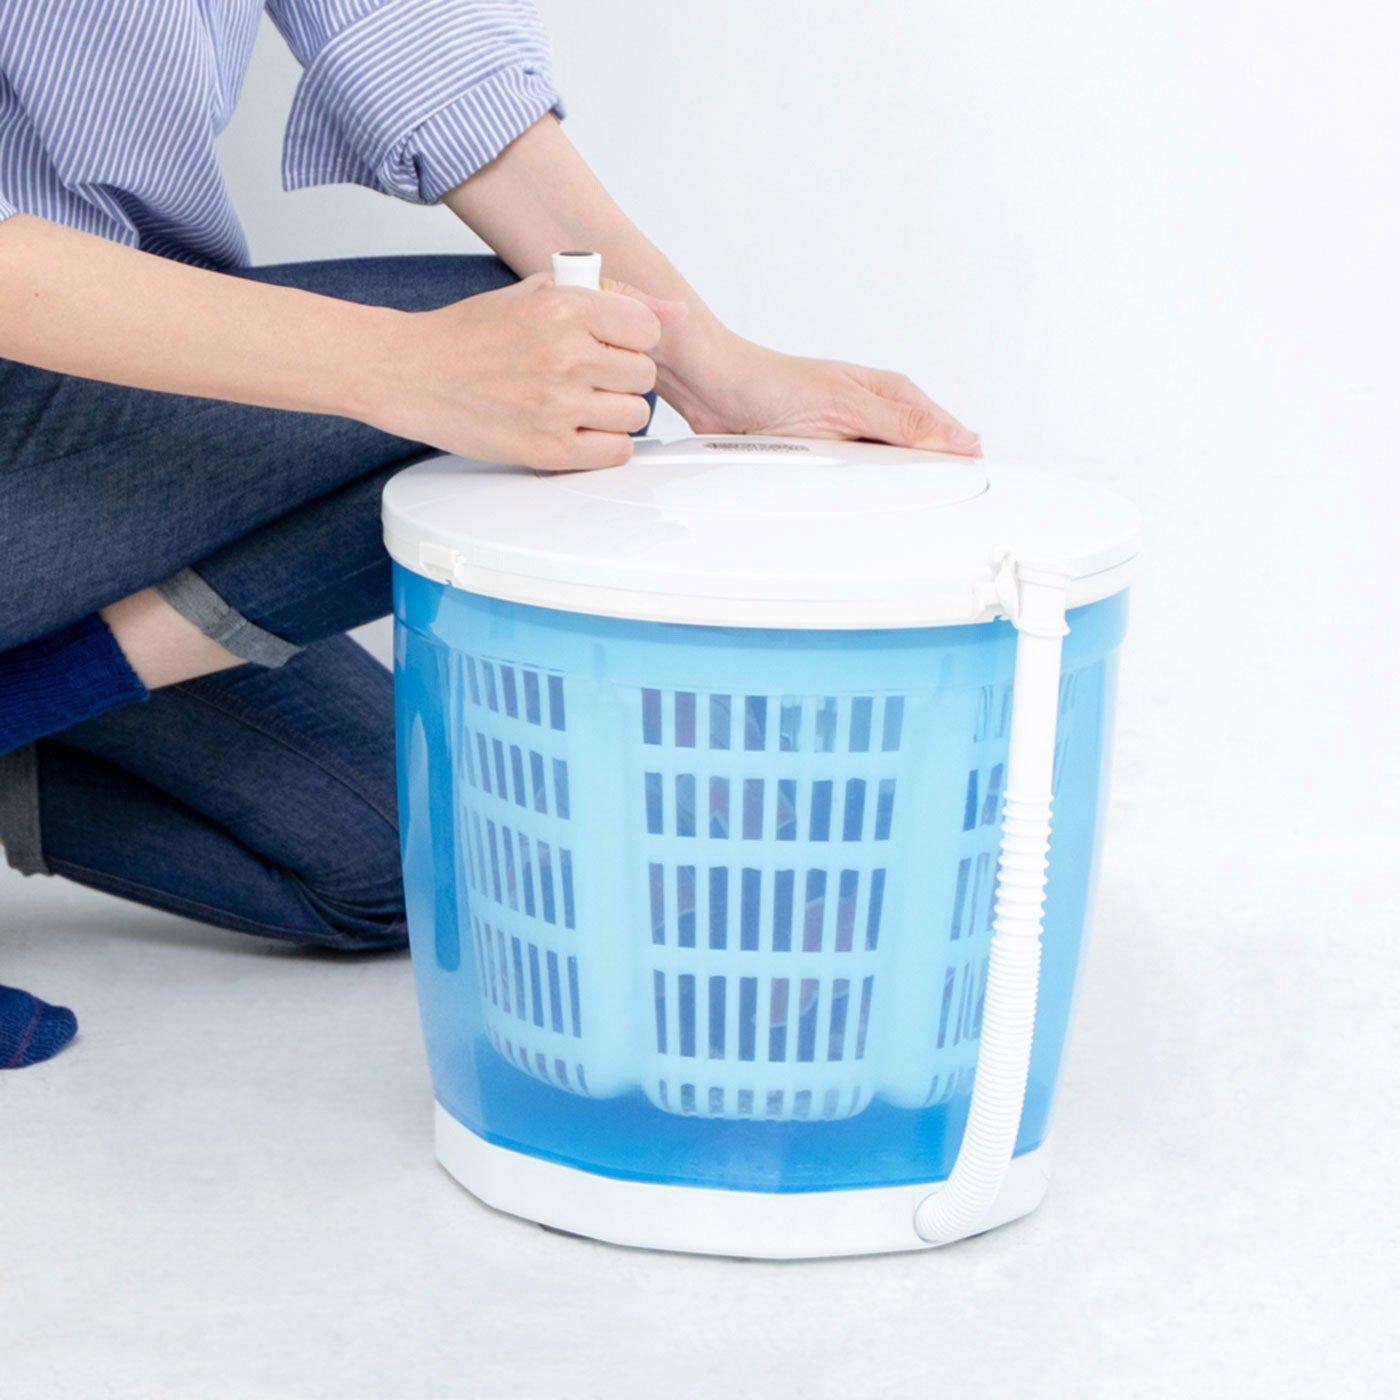 【大物配送】汚れ物の別洗いに 電気がなくても洗濯できる 手動洗濯&脱水機 エコスピンウォッシャー